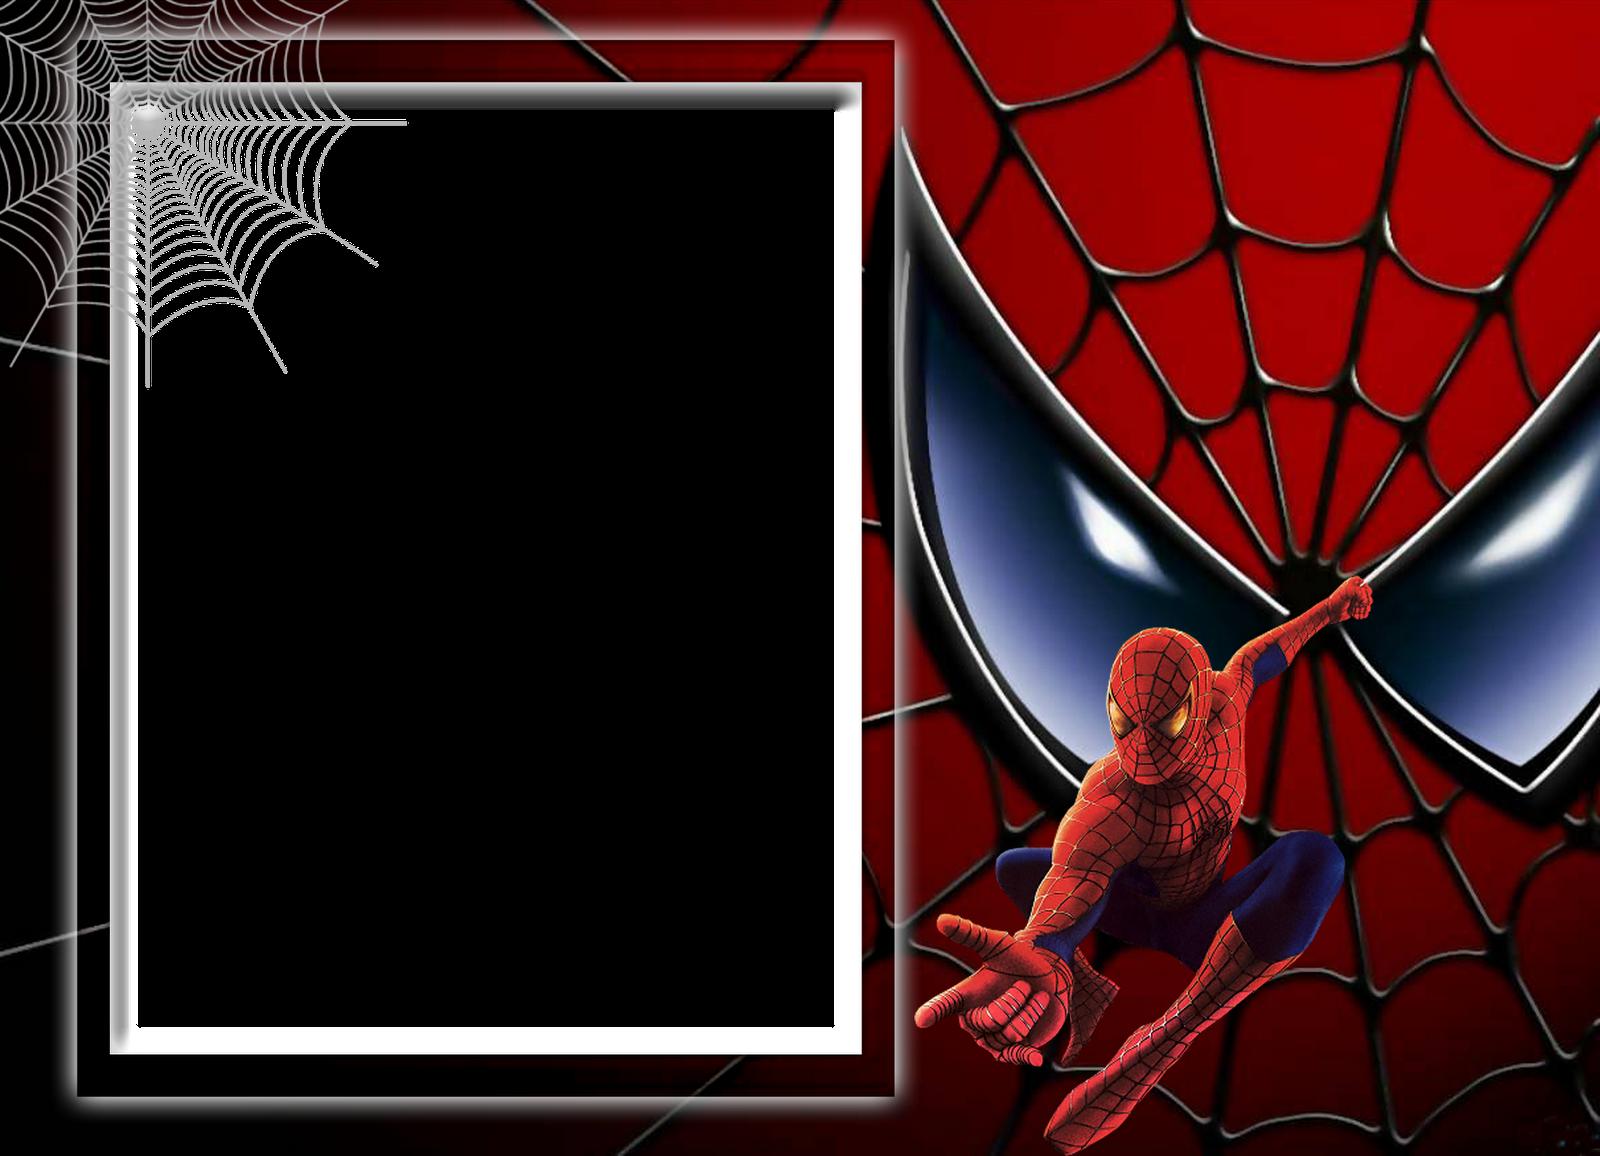 S.O.S Molduras e Vetores: Molduras Homem Aranha